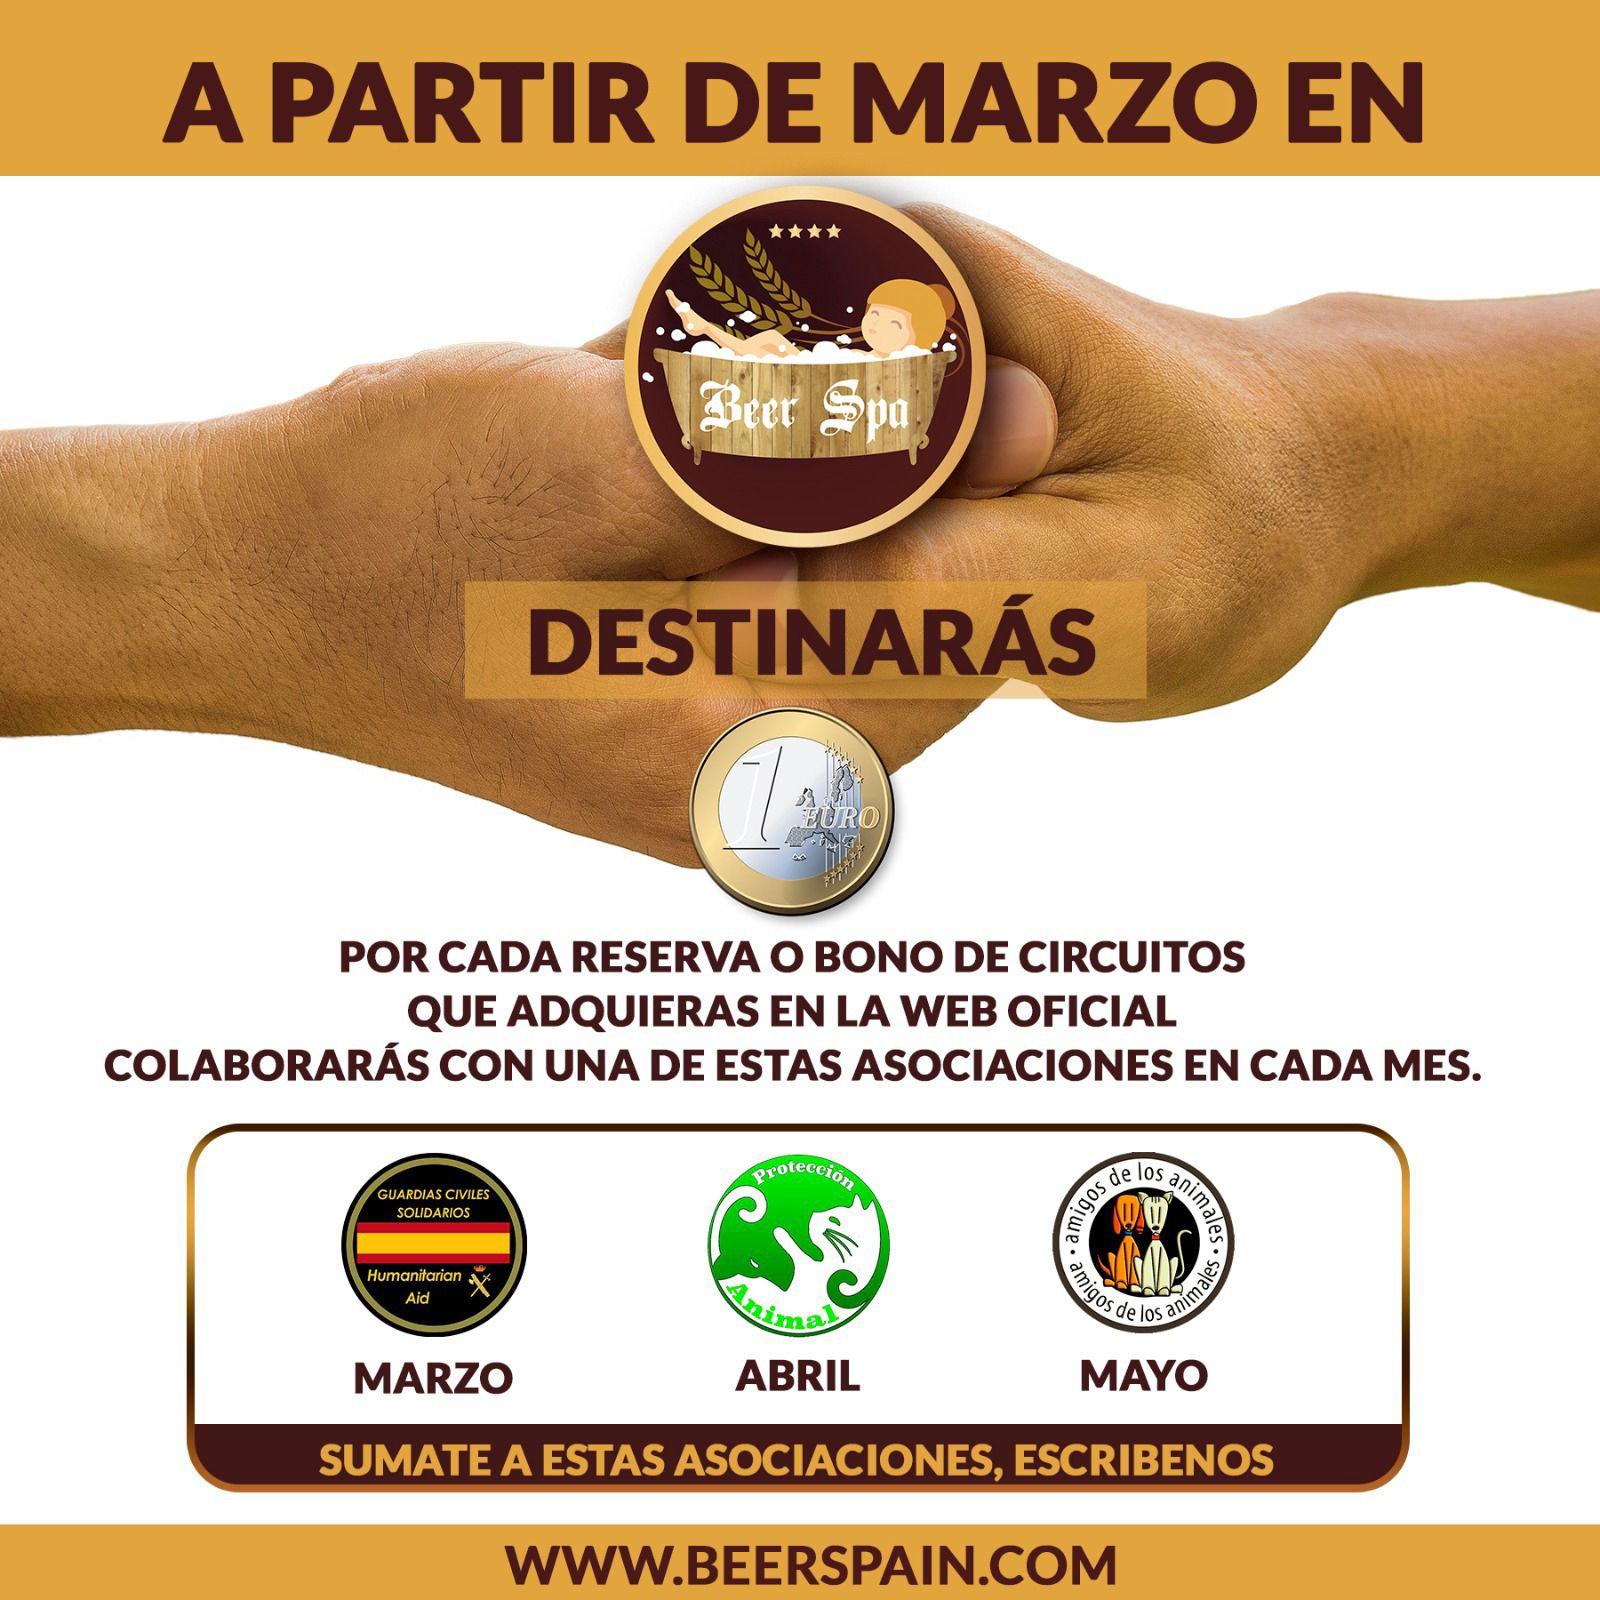 Foto de Responsabilidad Social Corporativa (Beer Spa)